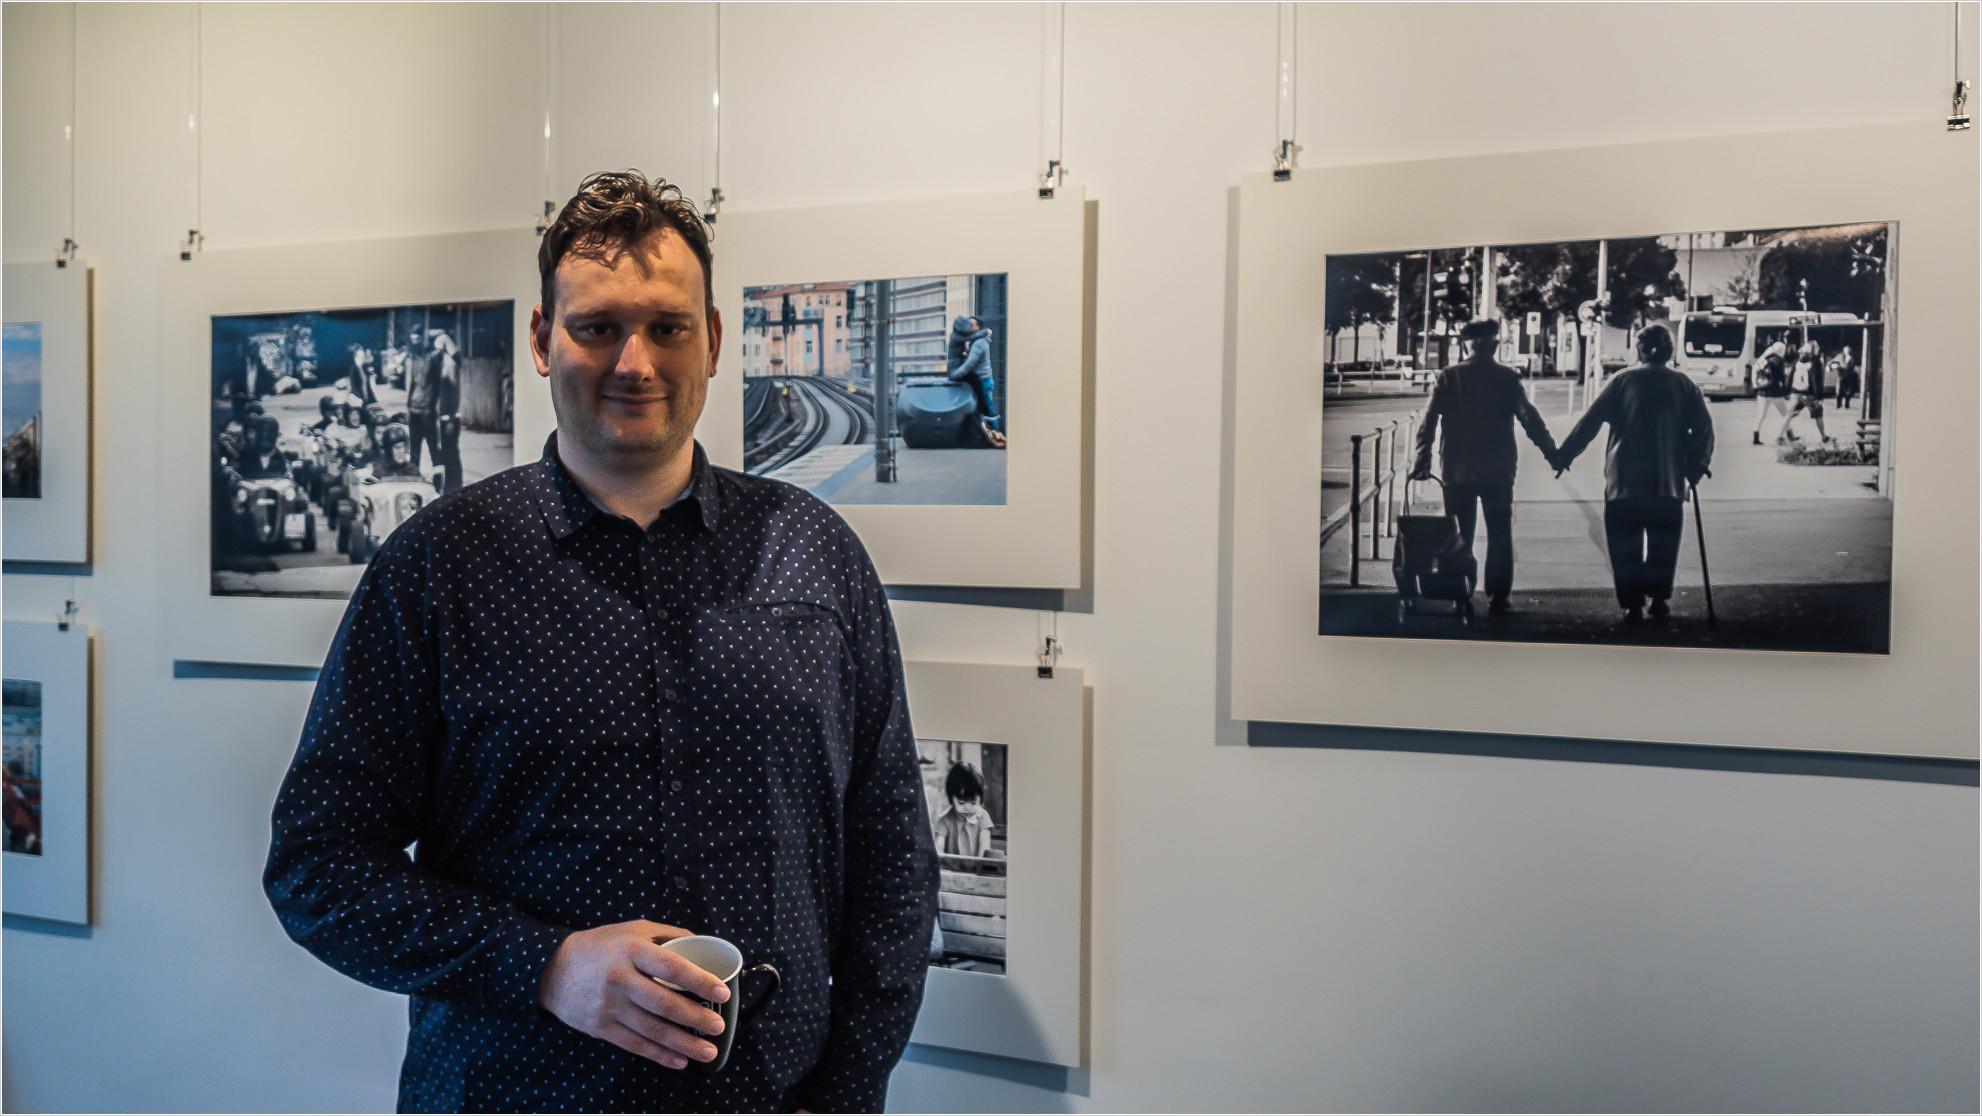 Der Fotograf mit seinen Bildern